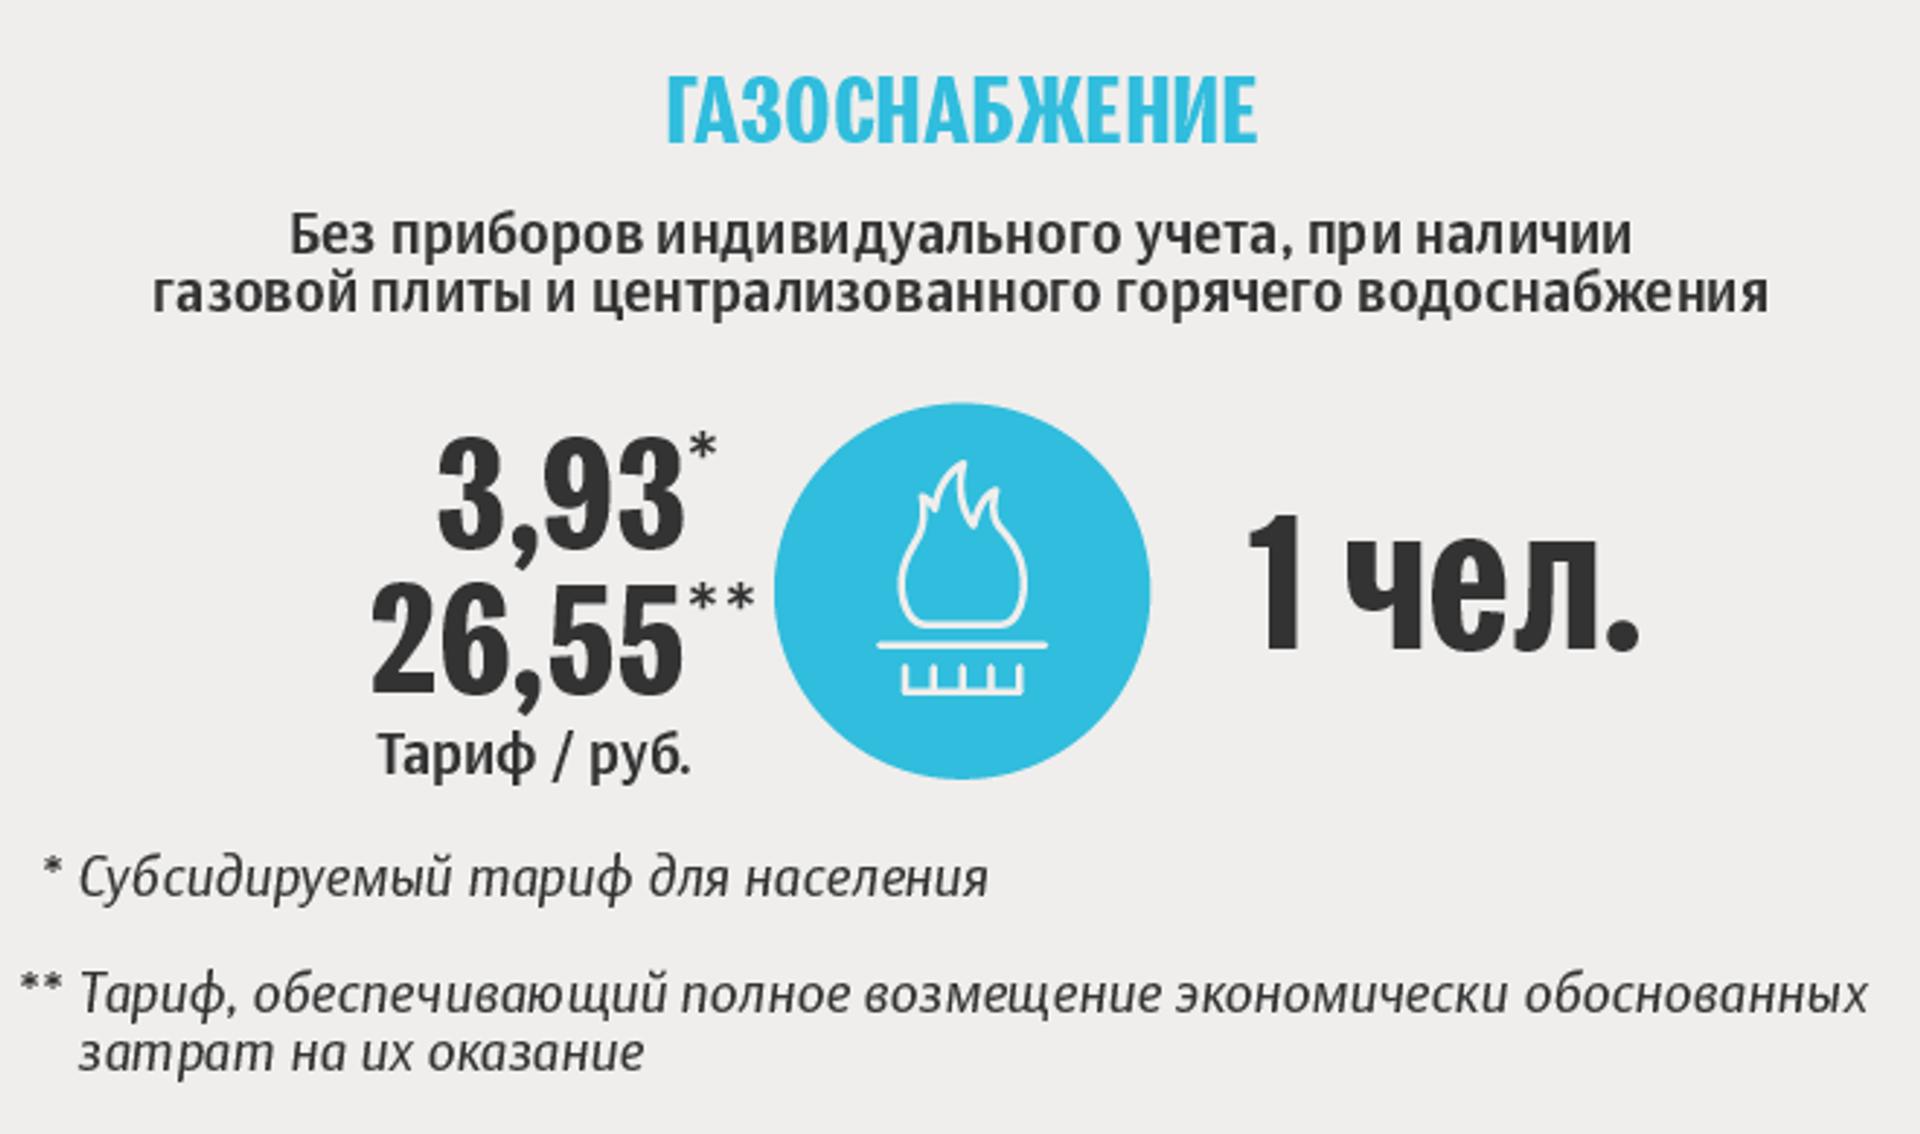 Тарифы белорусской жировки: газоснабжение - Sputnik Беларусь, 1920, 29.06.2021